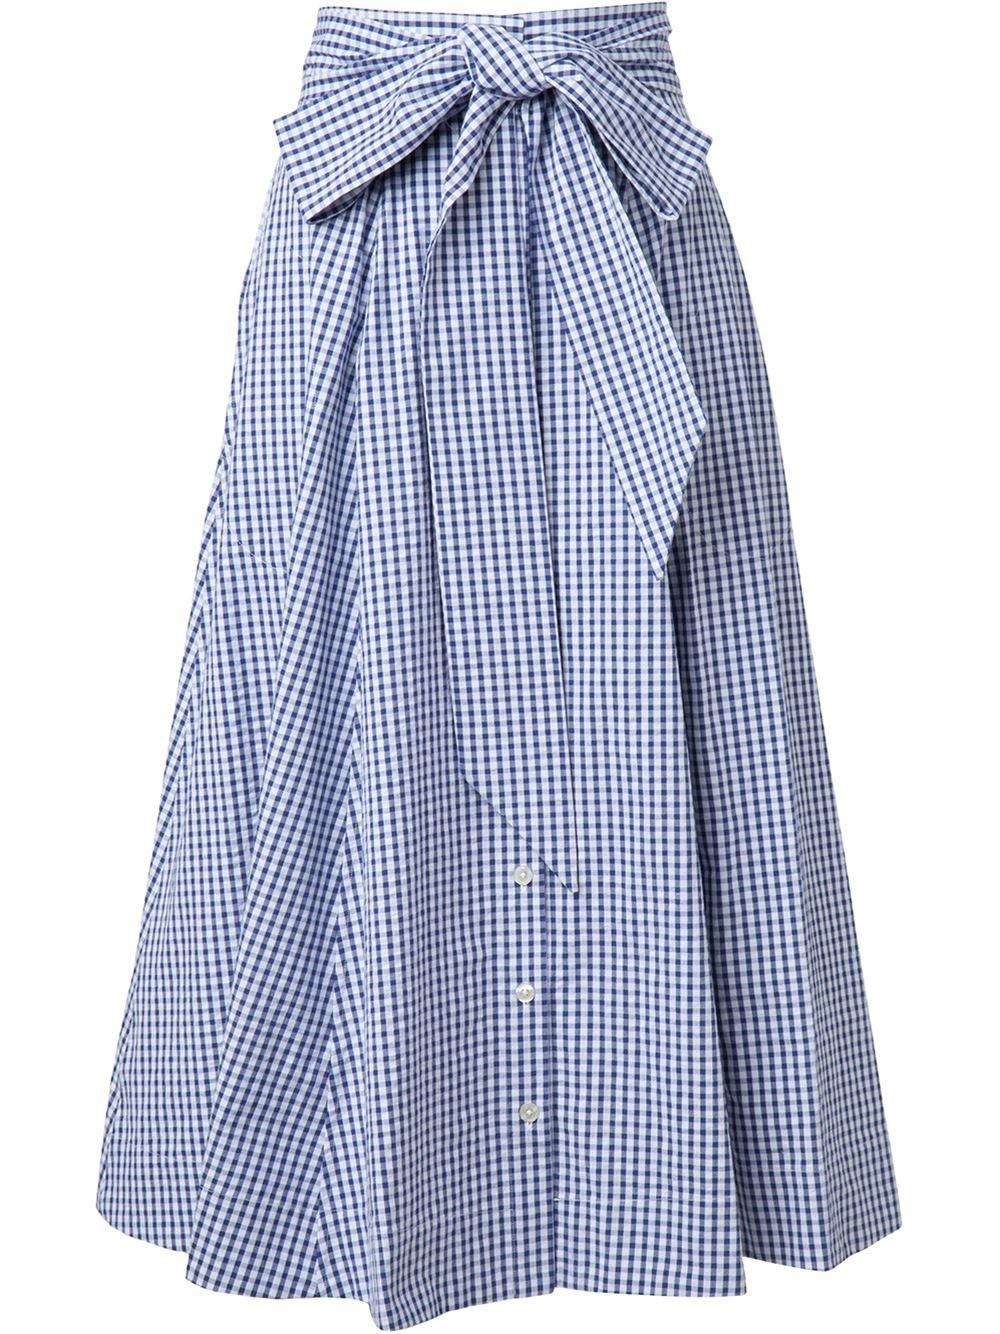 fernandez gingham check skirt navy in